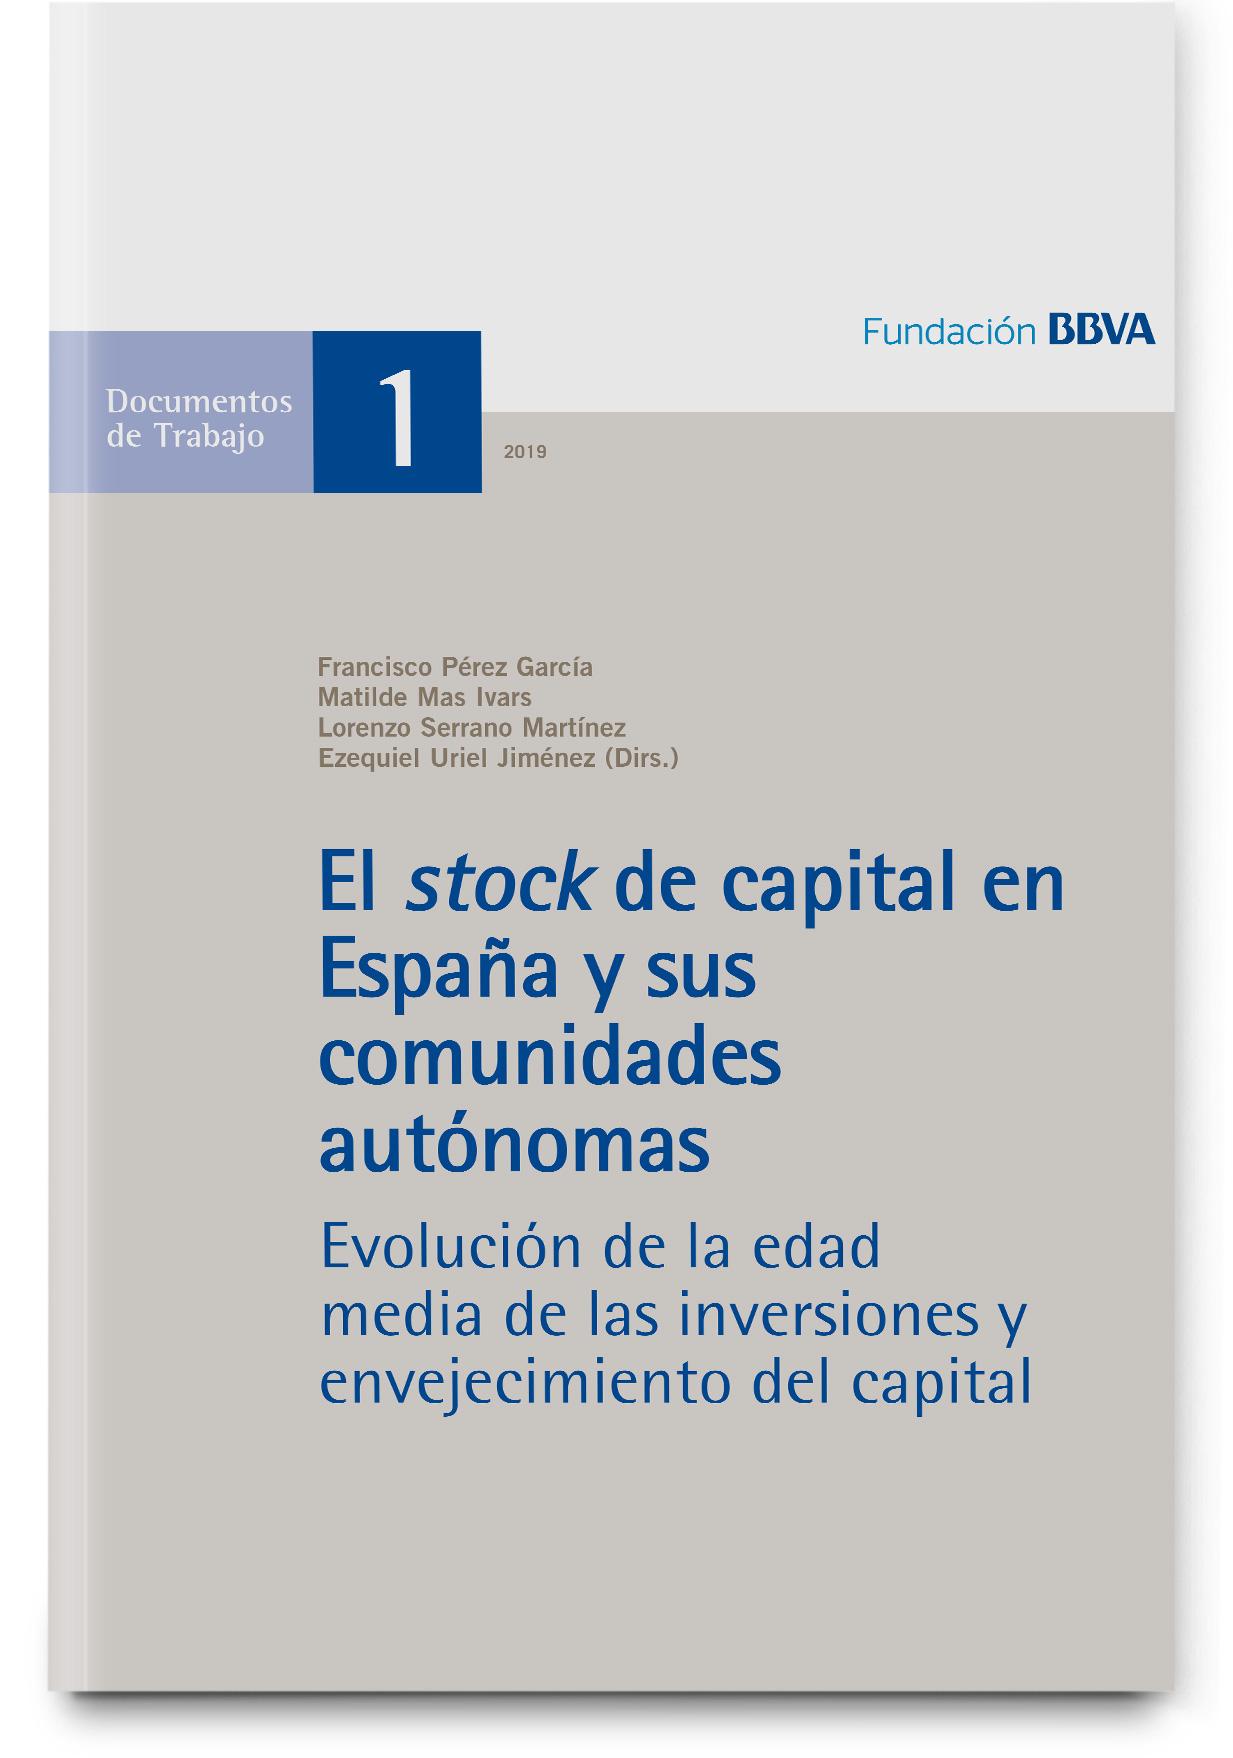 El stock de capital en España y sus comunidades autónomas.  Evolución de la edad media de las inversiones y envejecimiento del capital